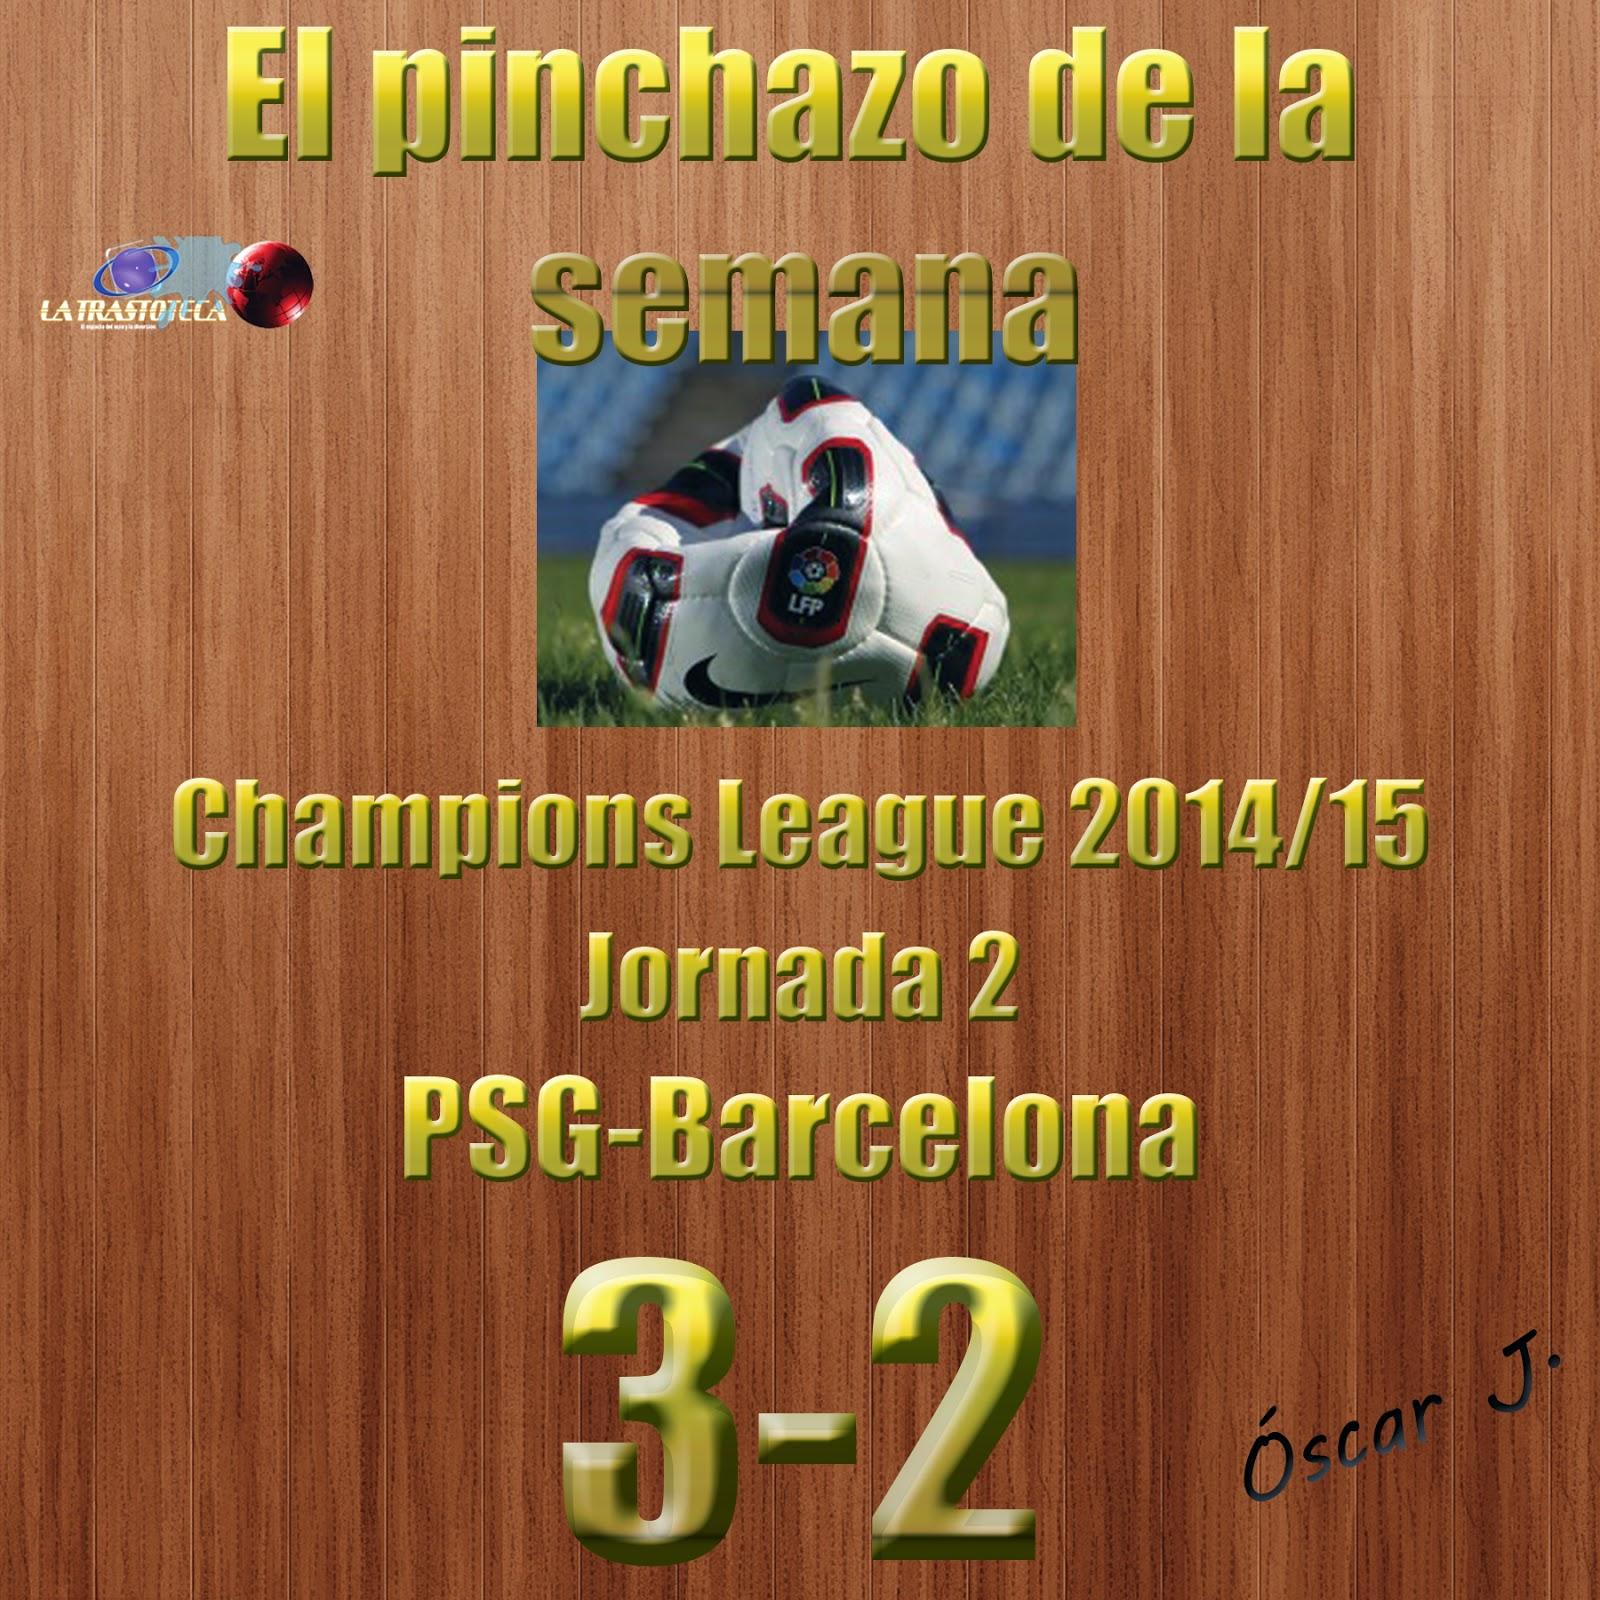 PSG 3-2 Barcelona. Champions League - Jornada 2. El pinchazo de la semana.